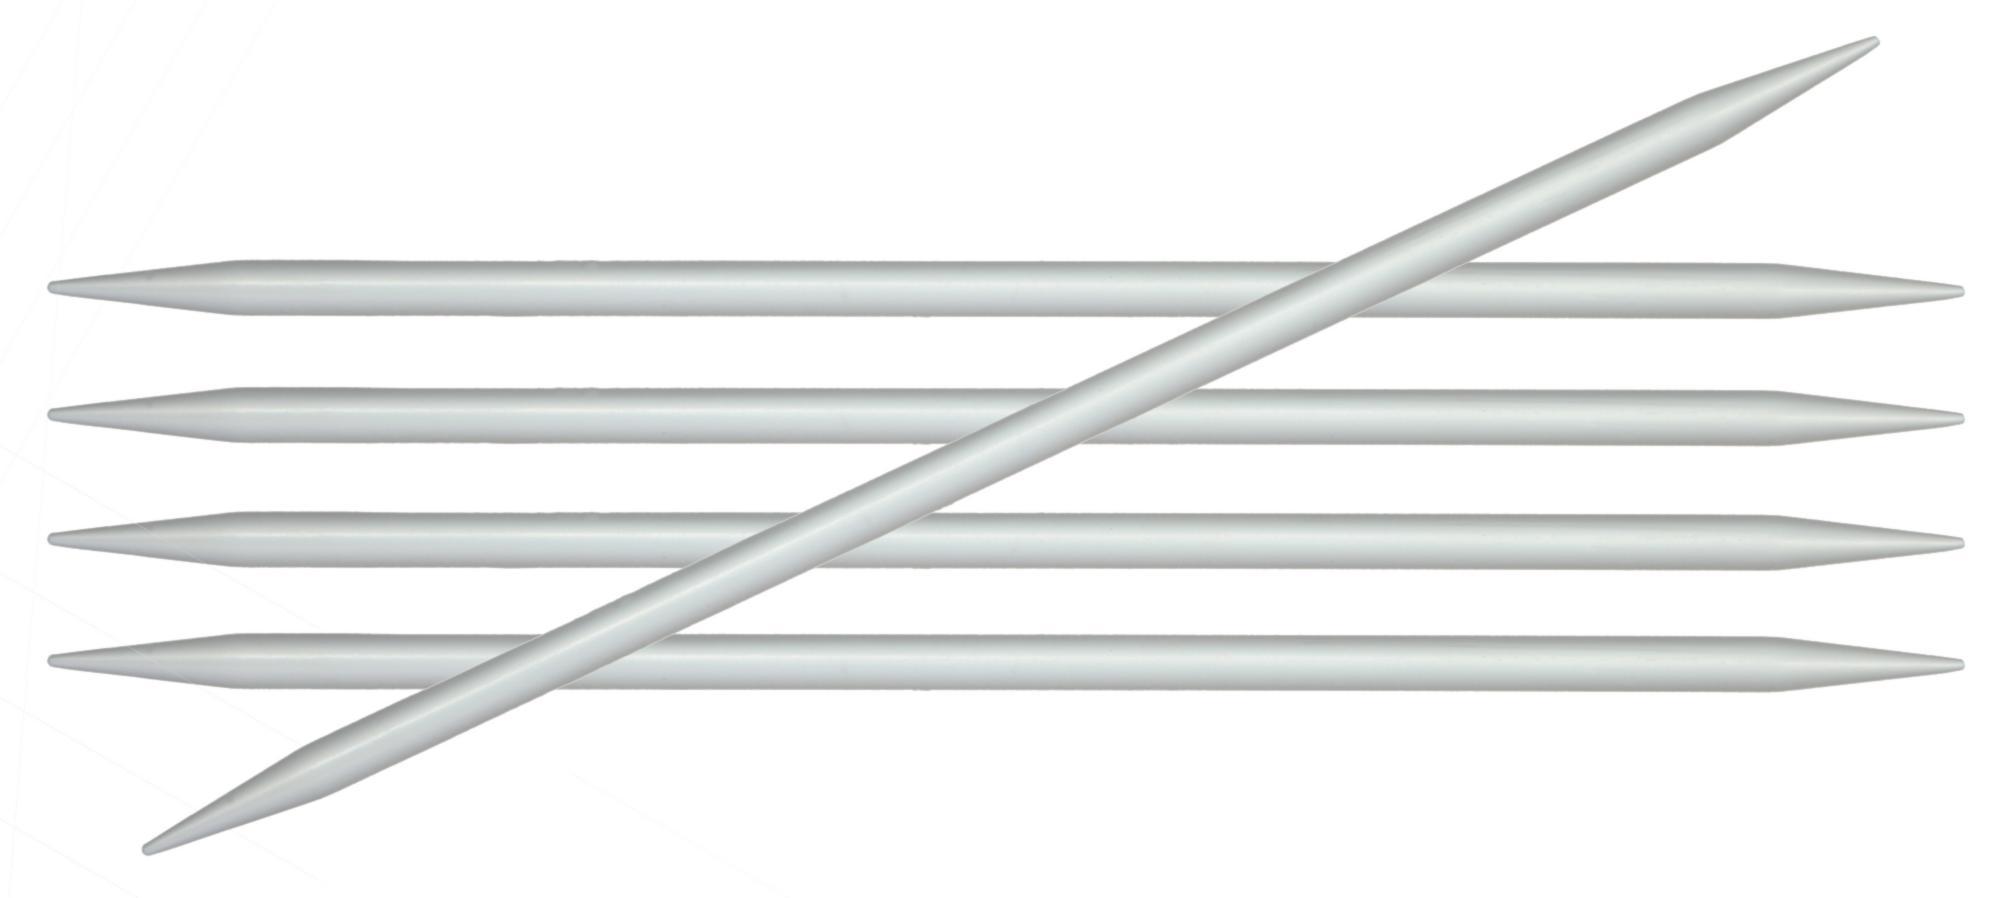 Спицы носочные 20 см Basix Aluminium KnitPro, 45116, 4.50 мм